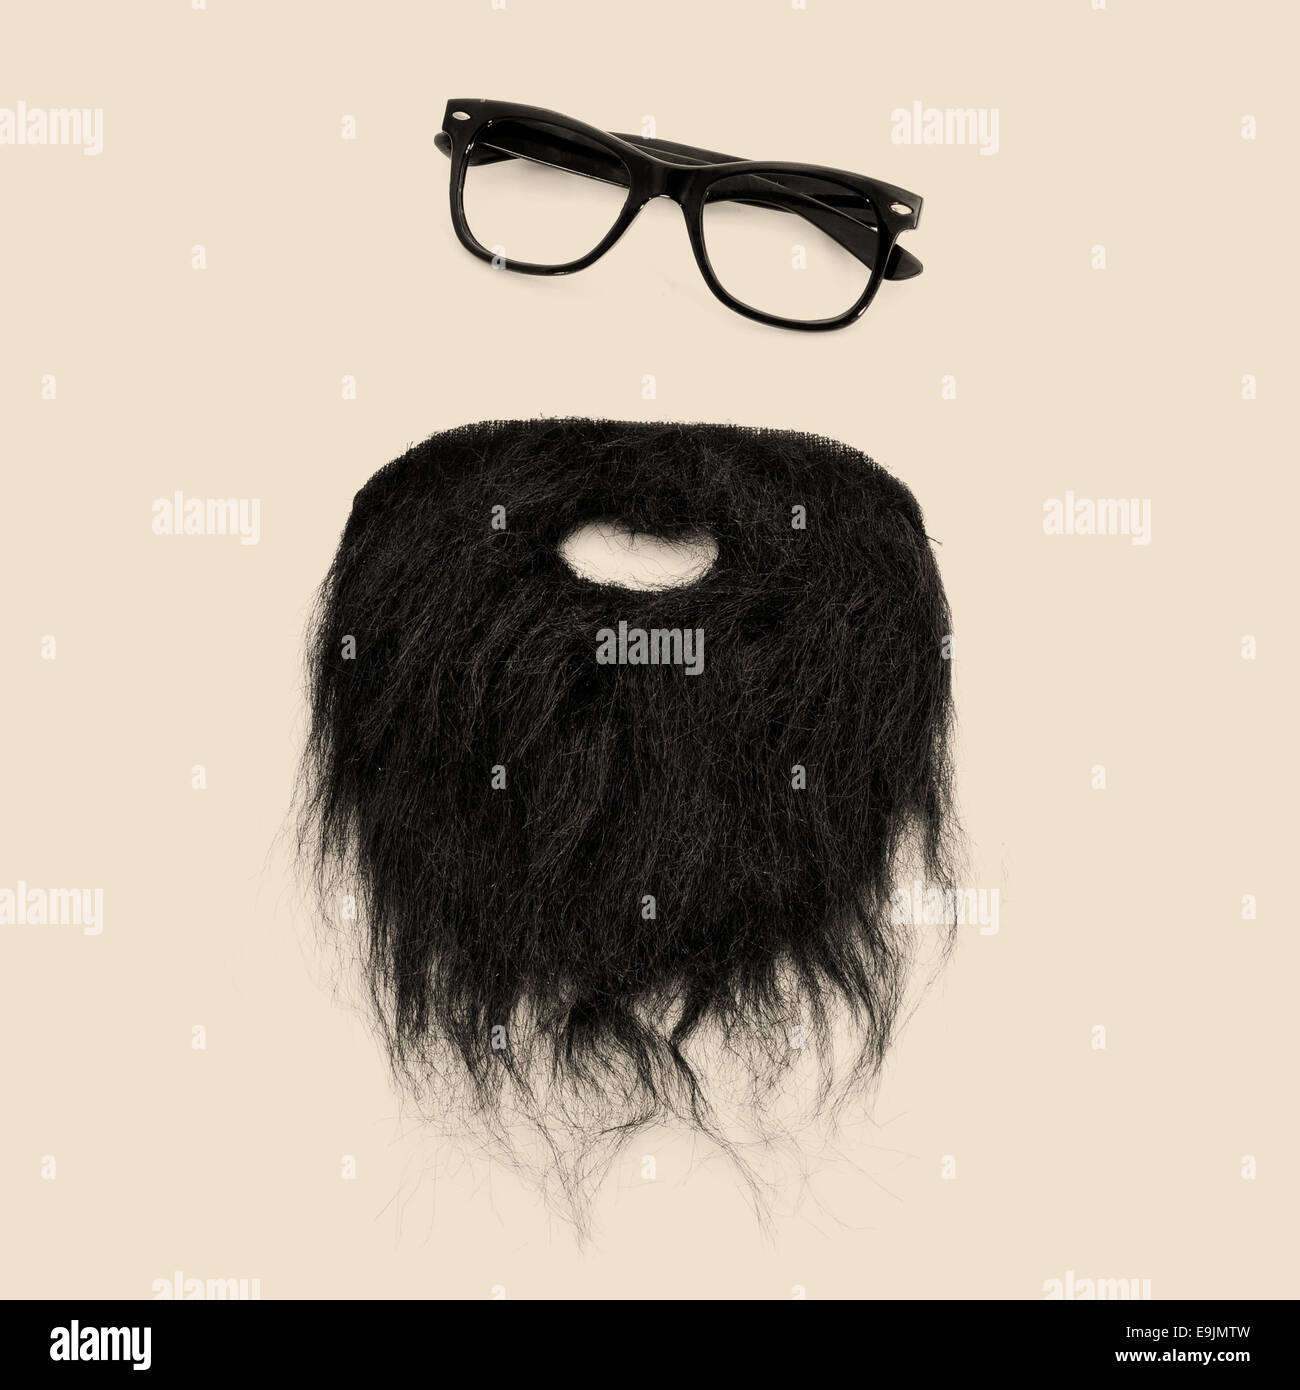 ein paar Retro-Brille und einen Bart, das Gesicht eines Mannes auf einem beigen Hintergrund bilden Stockbild